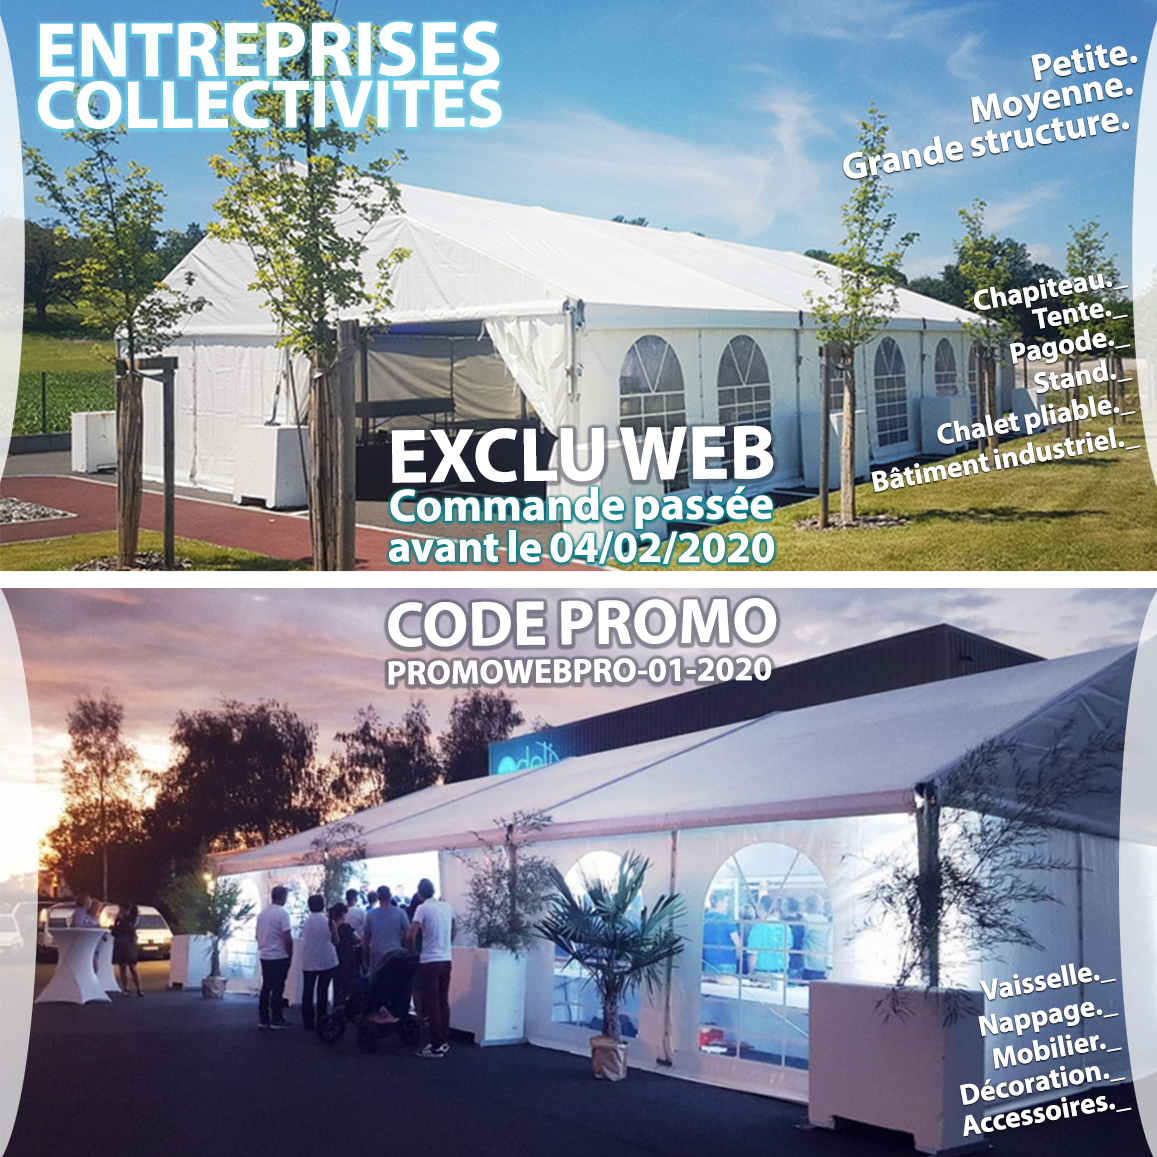 Promotion entreprises collectivités 01-2020 Chris-Events